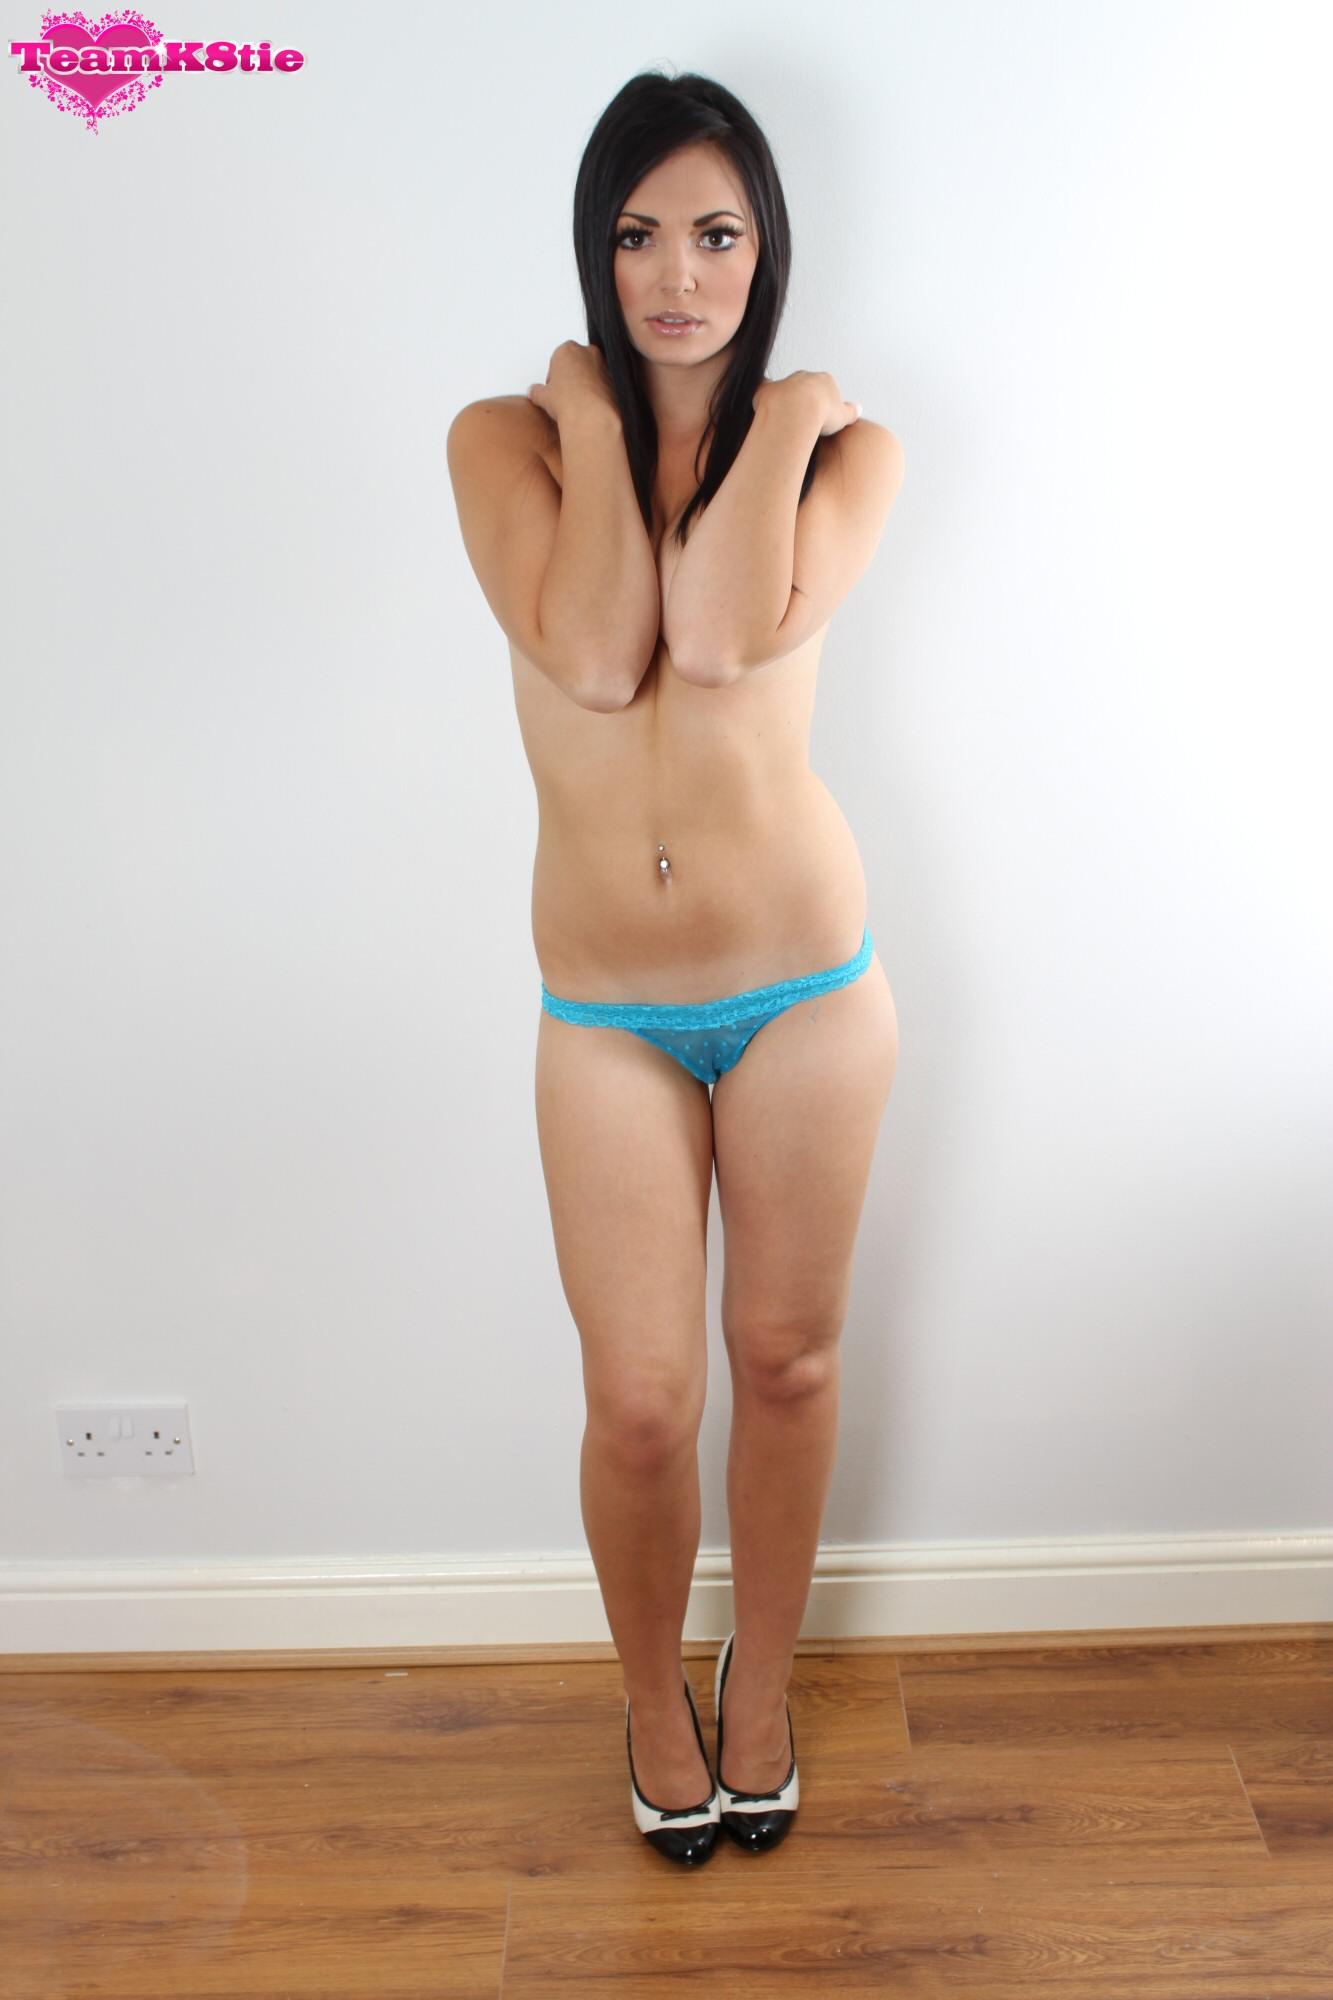 modelos porno mas bellas